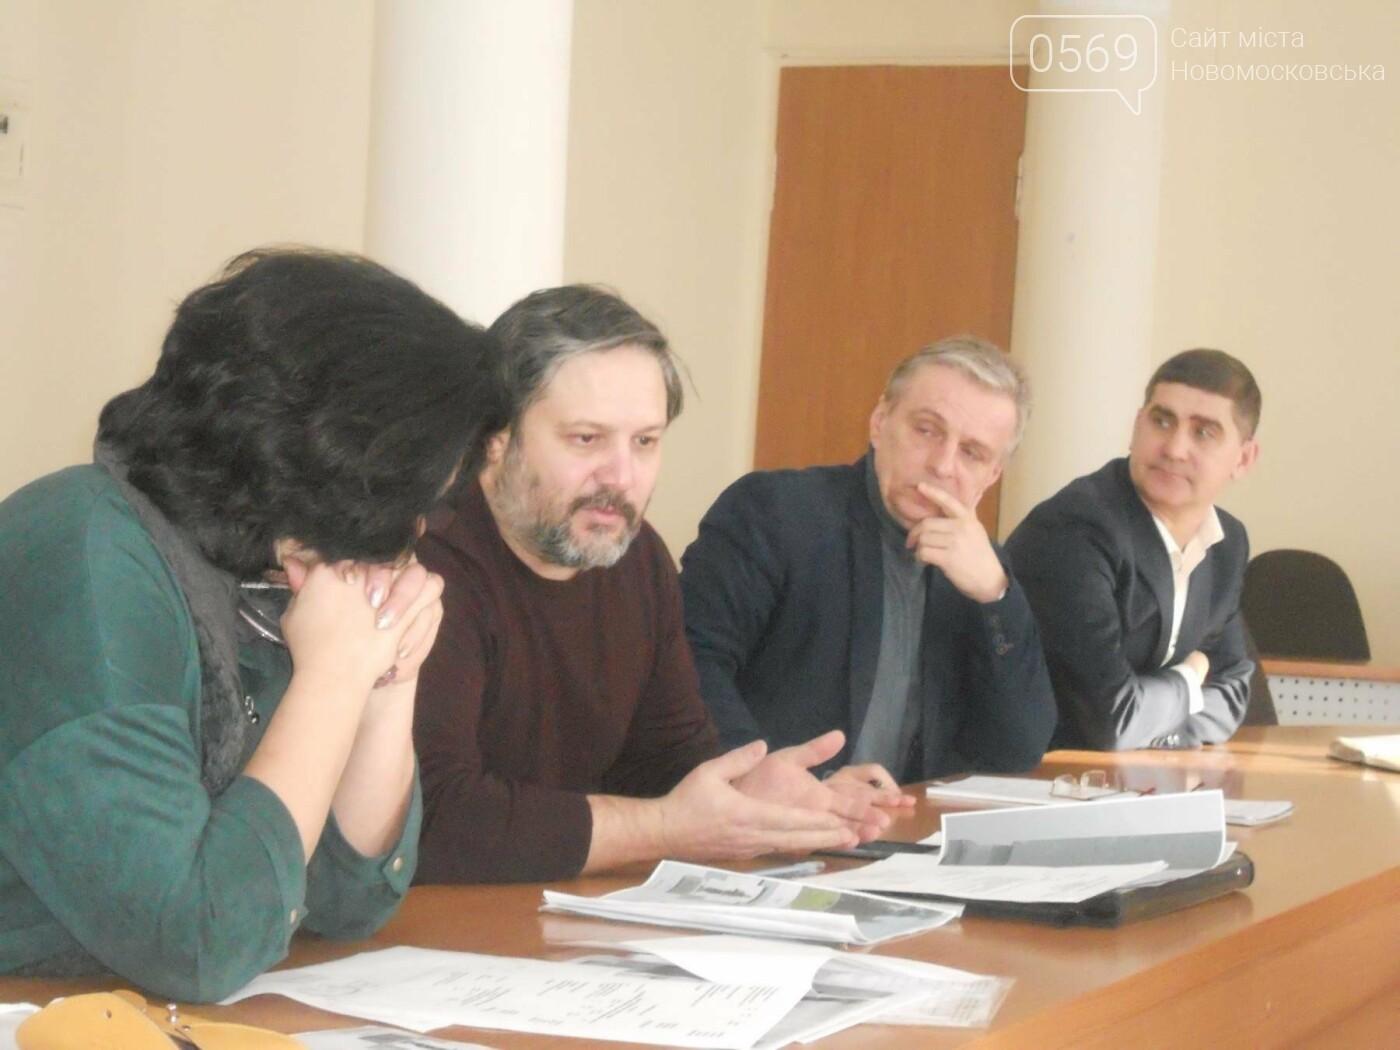 У Новомосковській міськраді відбулася робоча зустріч з автором ескізу памятника героям АТО, фото-3